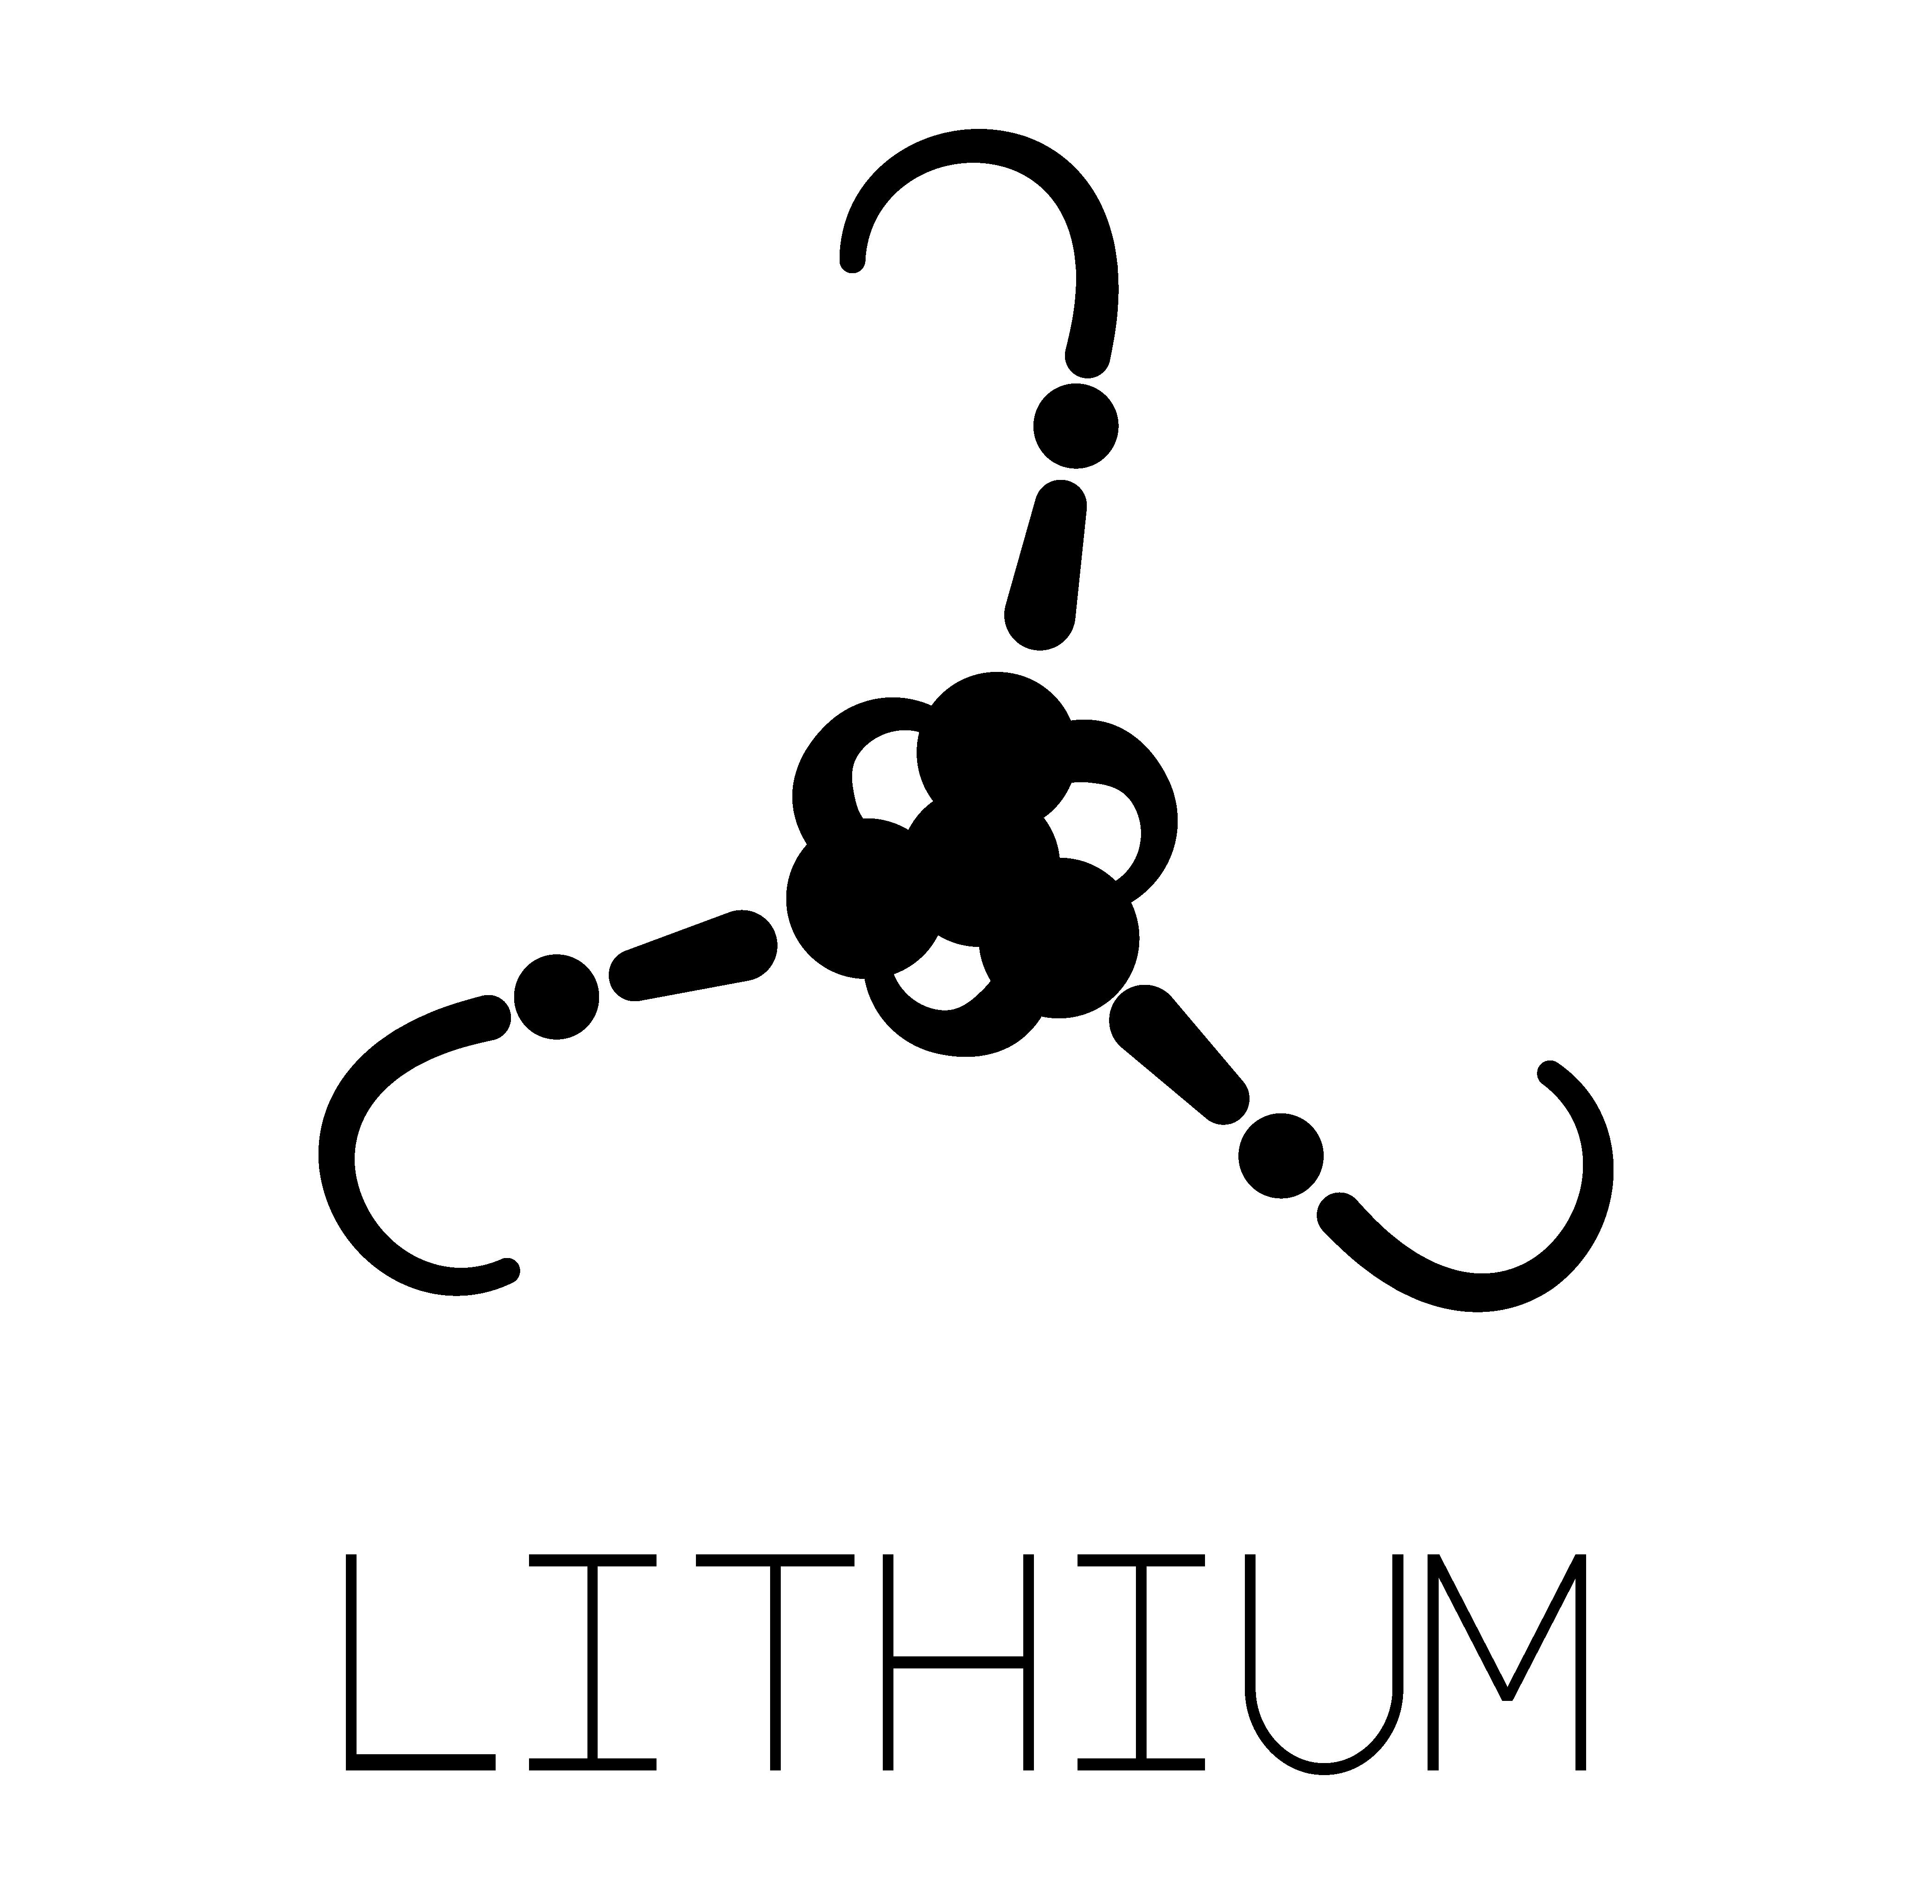 Lithium Logo. Designed by Yvan Darmet